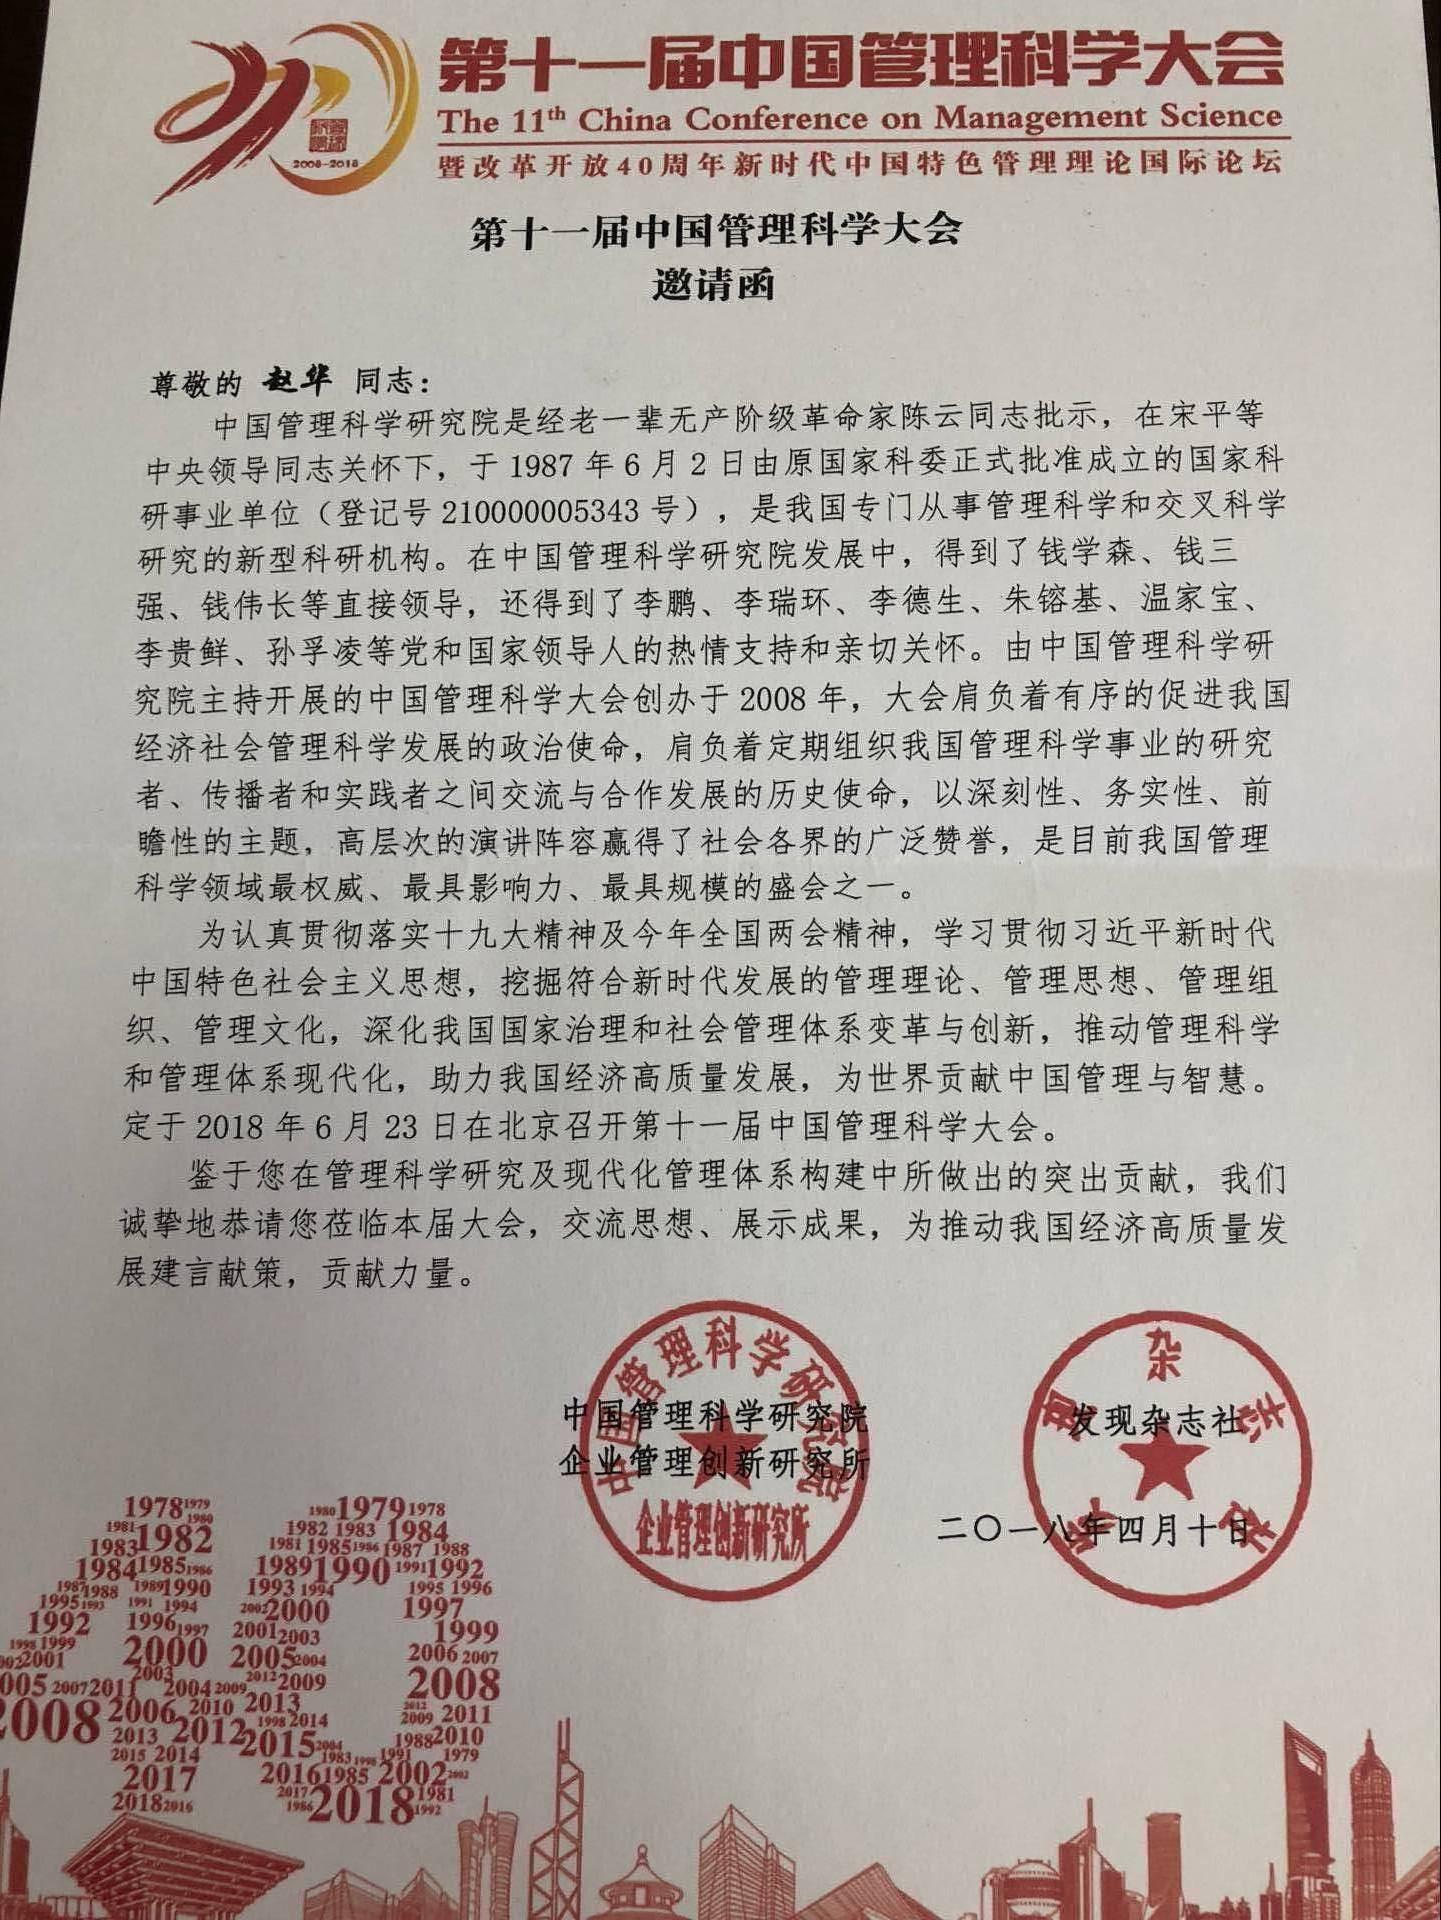 第十一届中国管理科学大会邀请函